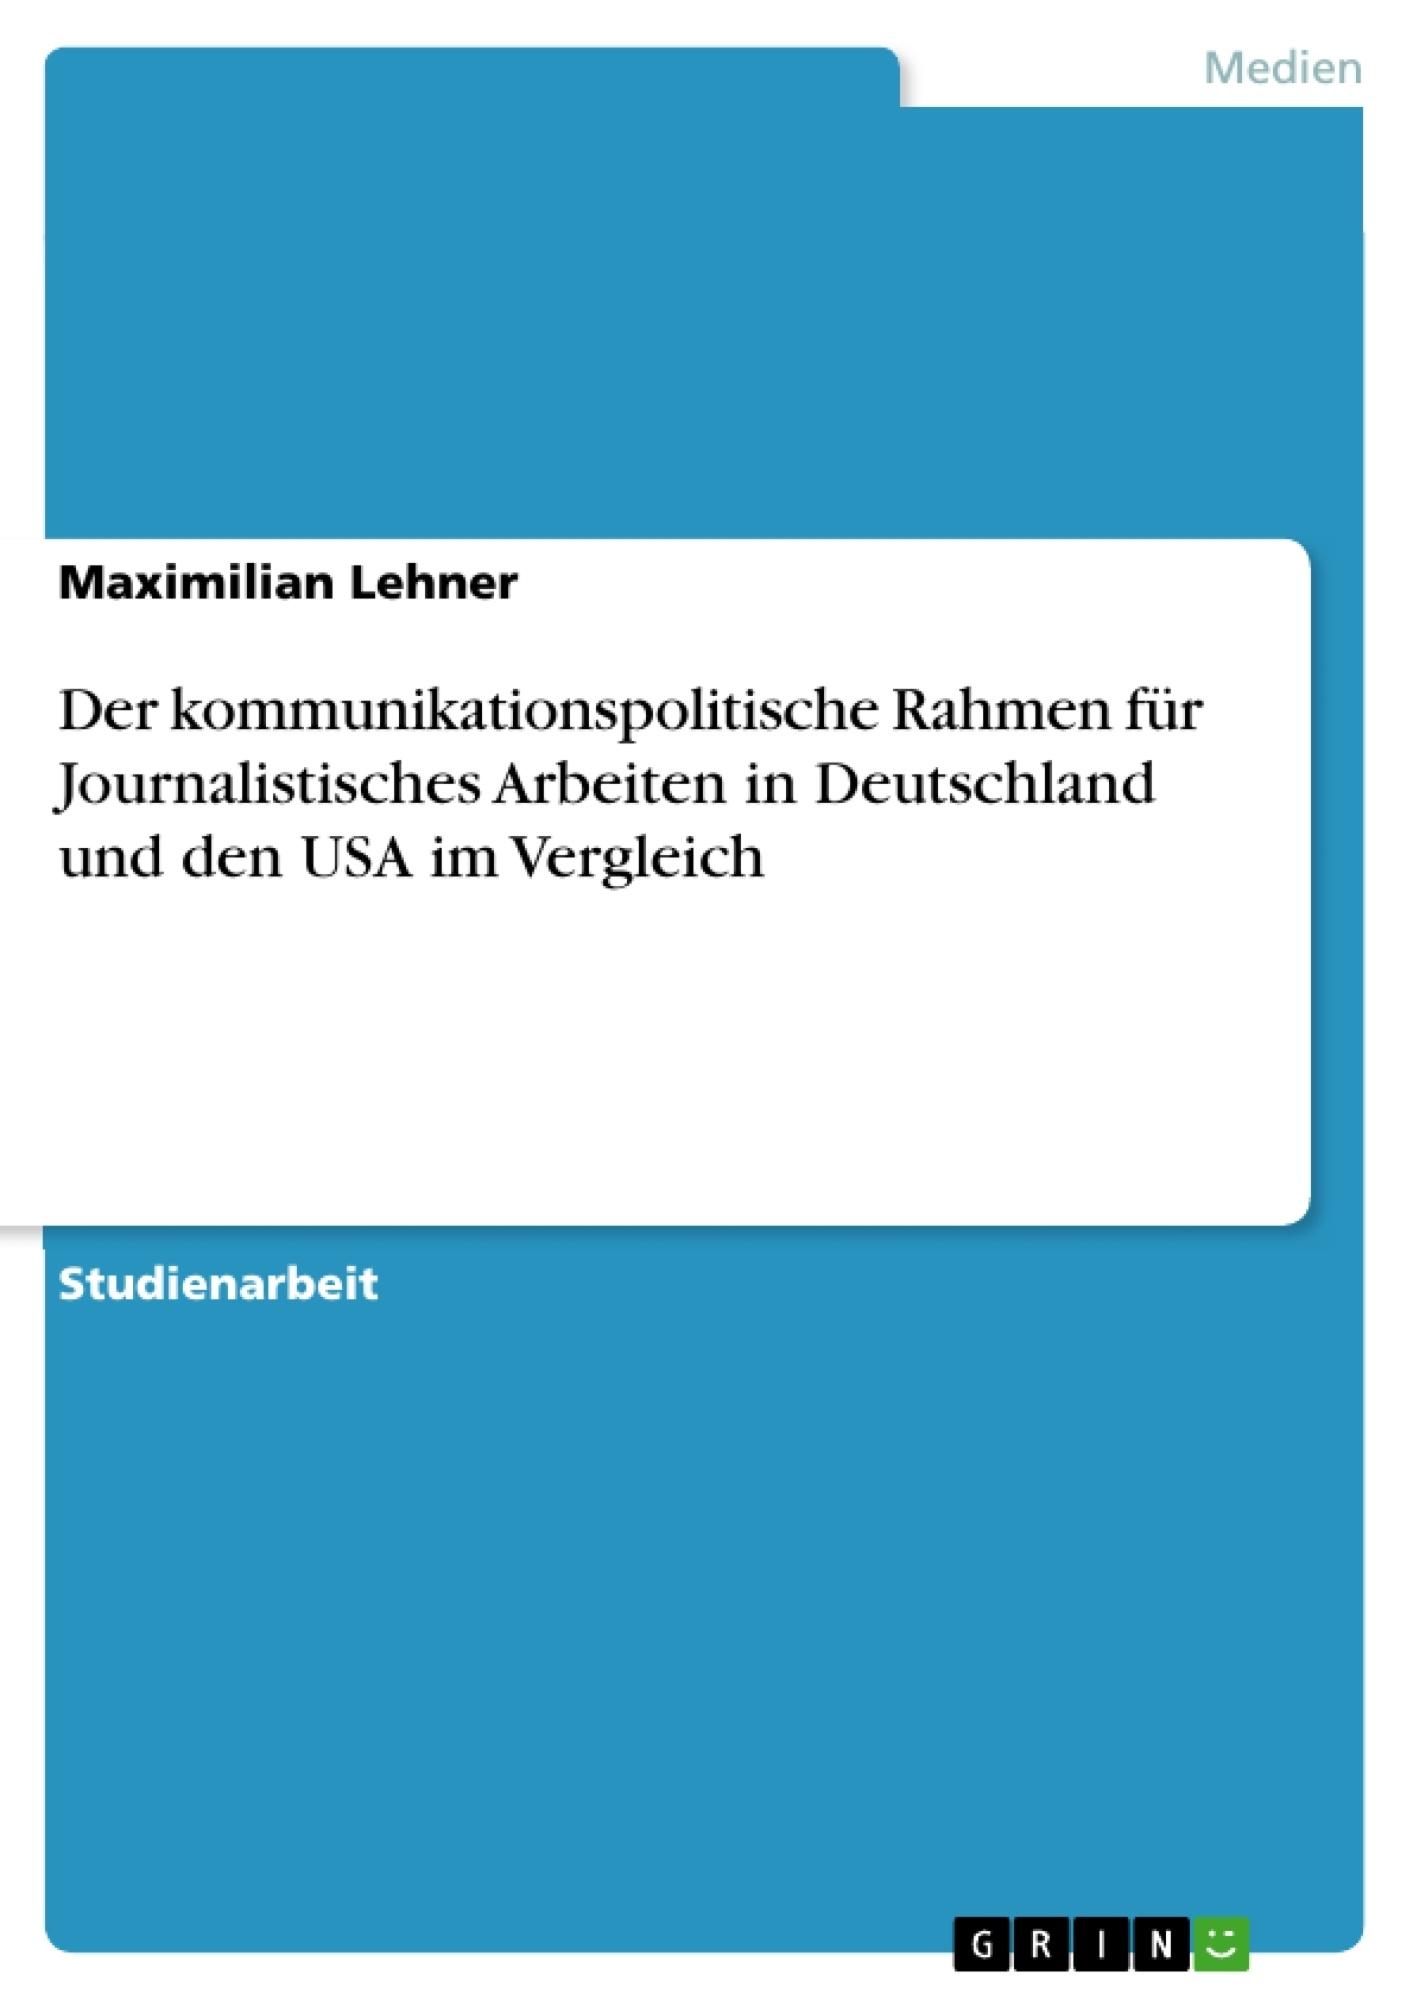 Titel: Der kommunikationspolitische Rahmen für Journalistisches Arbeiten in Deutschland und den USA im Vergleich